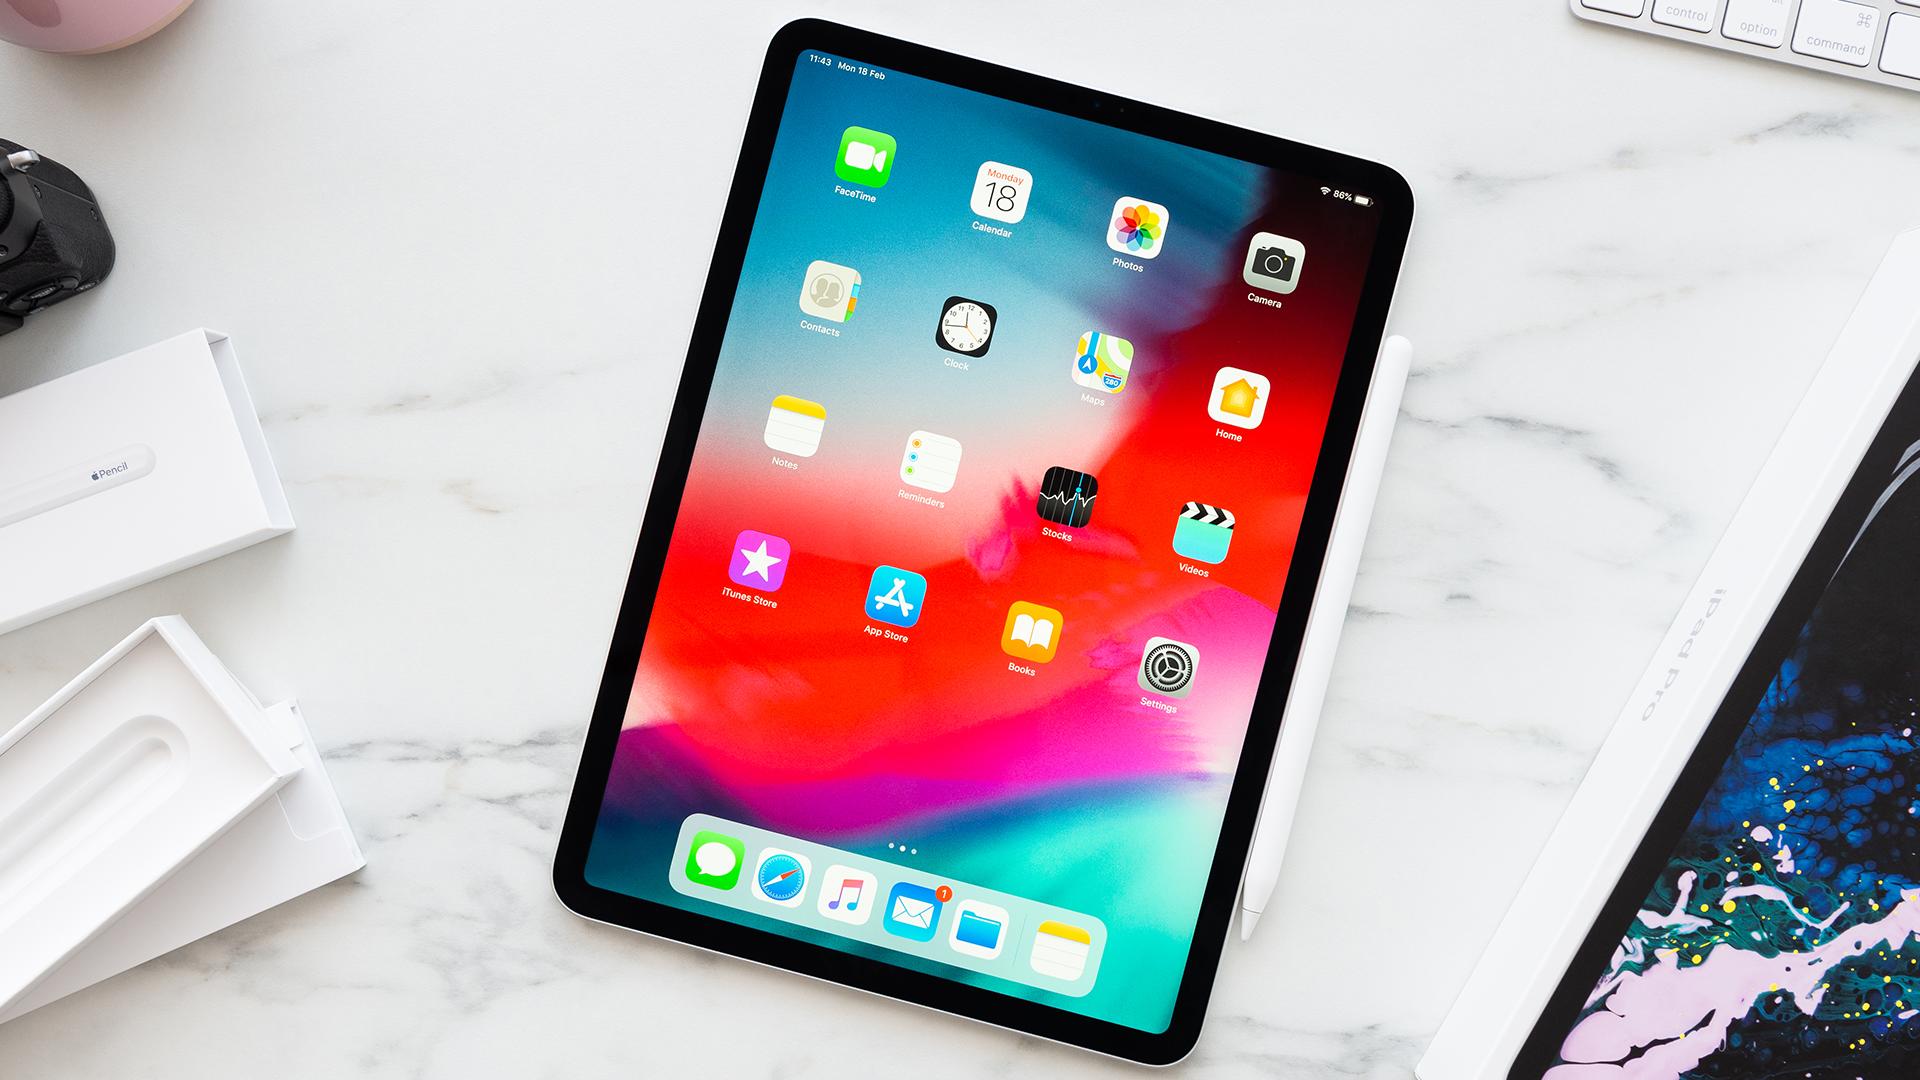 How To Choose Your Next Ipad Ipad Models Big Ipad Ipad